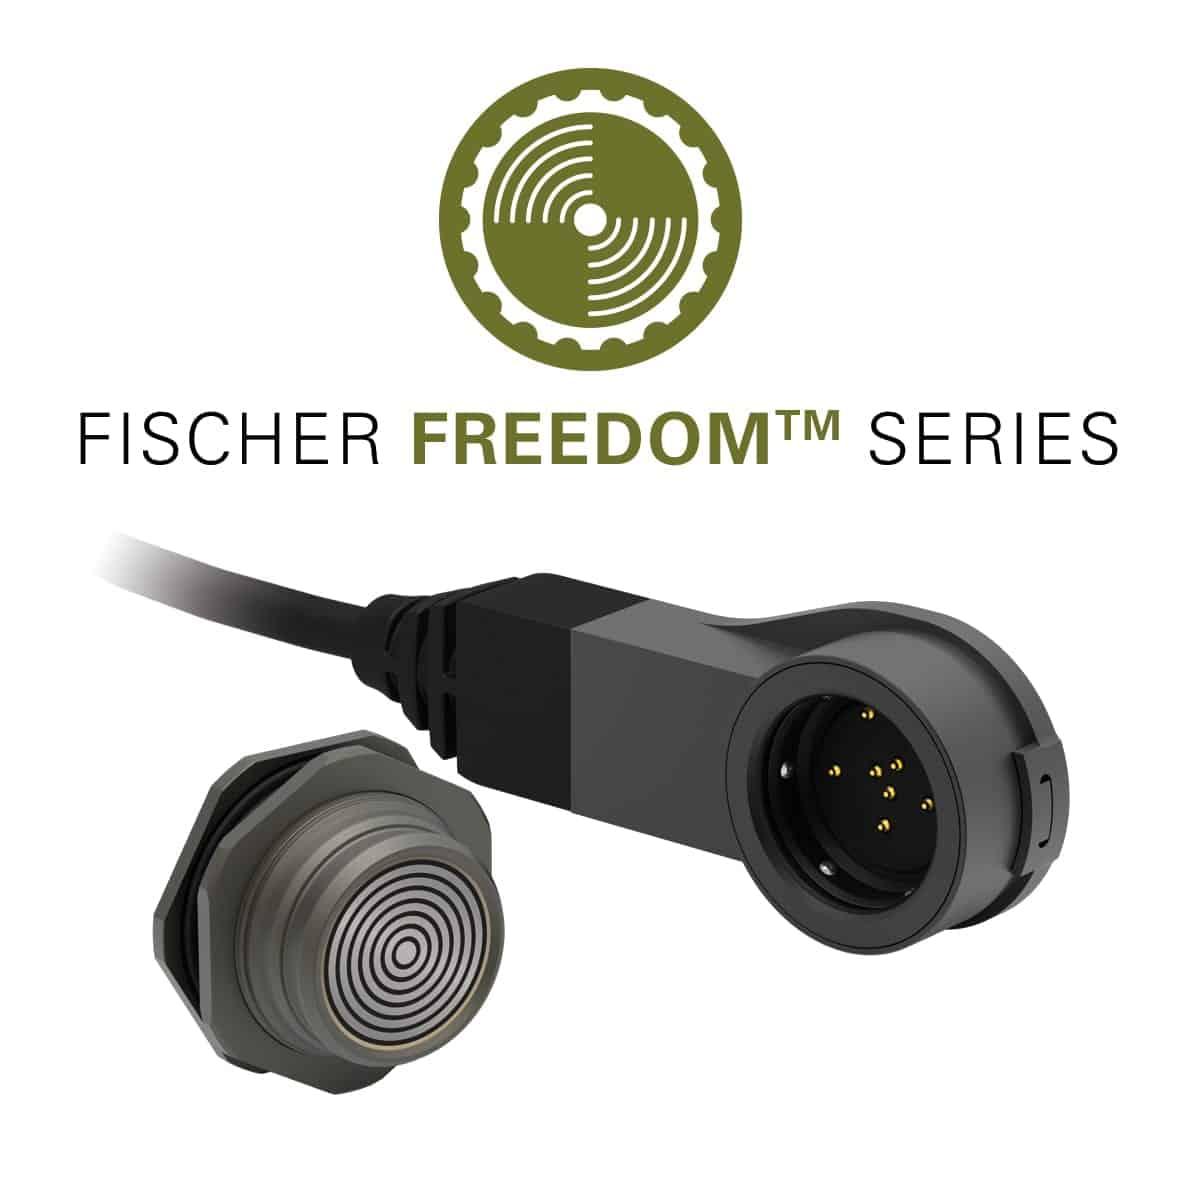 Fischer Freedom Series Connectors